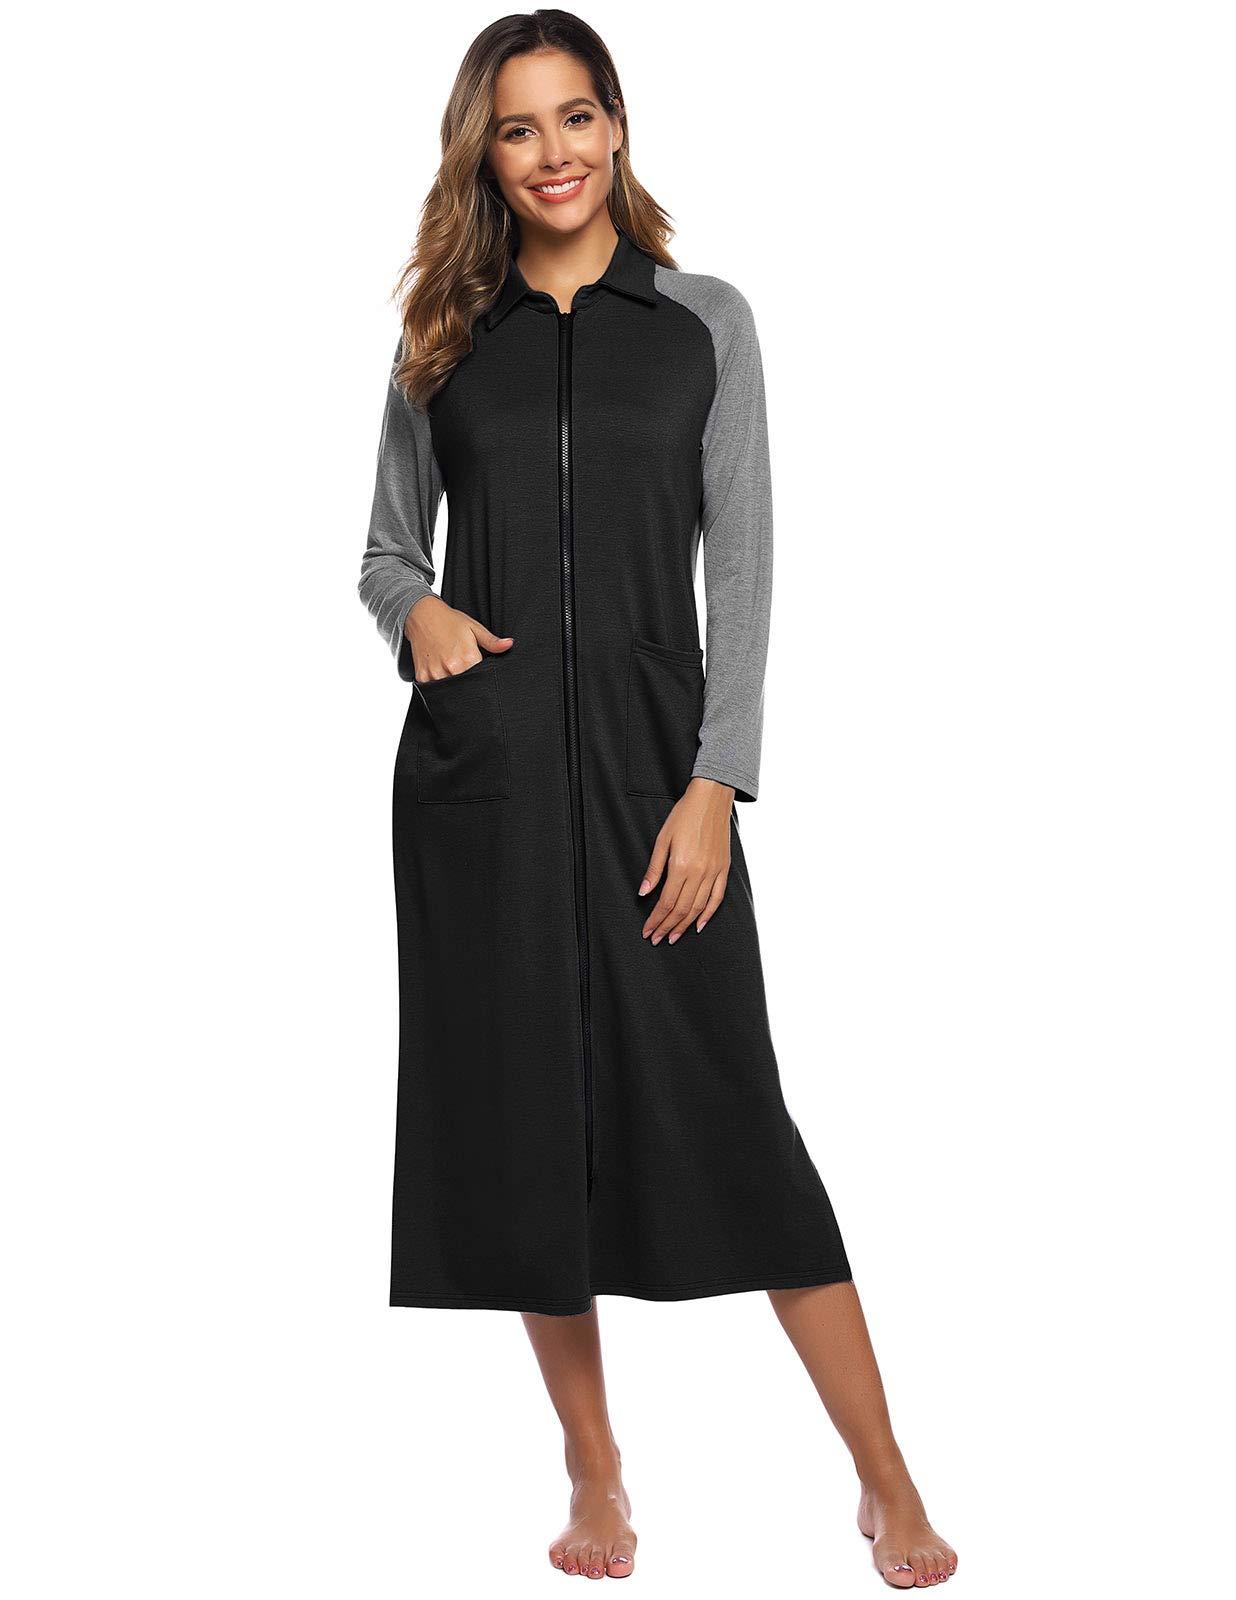 Zexxxy Women Zipper Robe Raglan Sleeve Loungewear Cotton Knit Long Nightgown with Pocket S-XXL